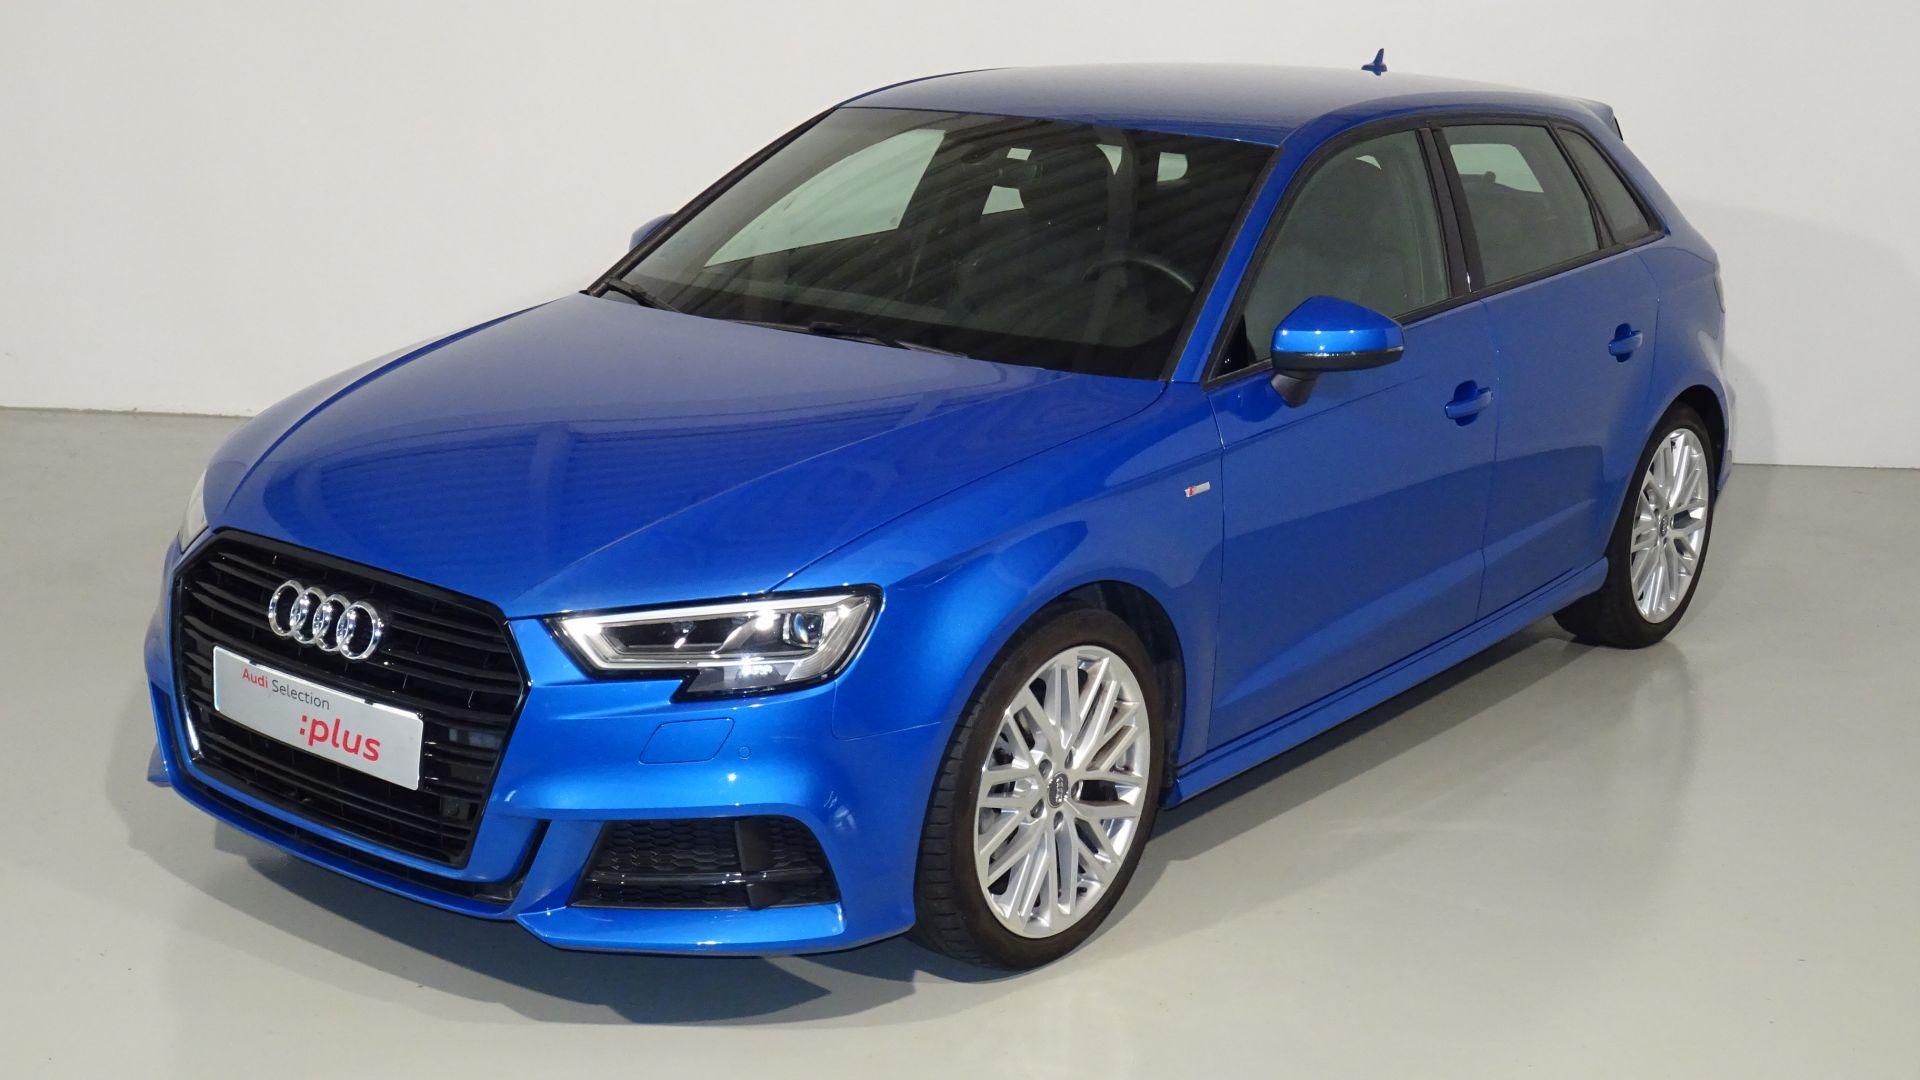 Audi A3 1.5 TFSI 110kW CoD EVO S tron Sportback